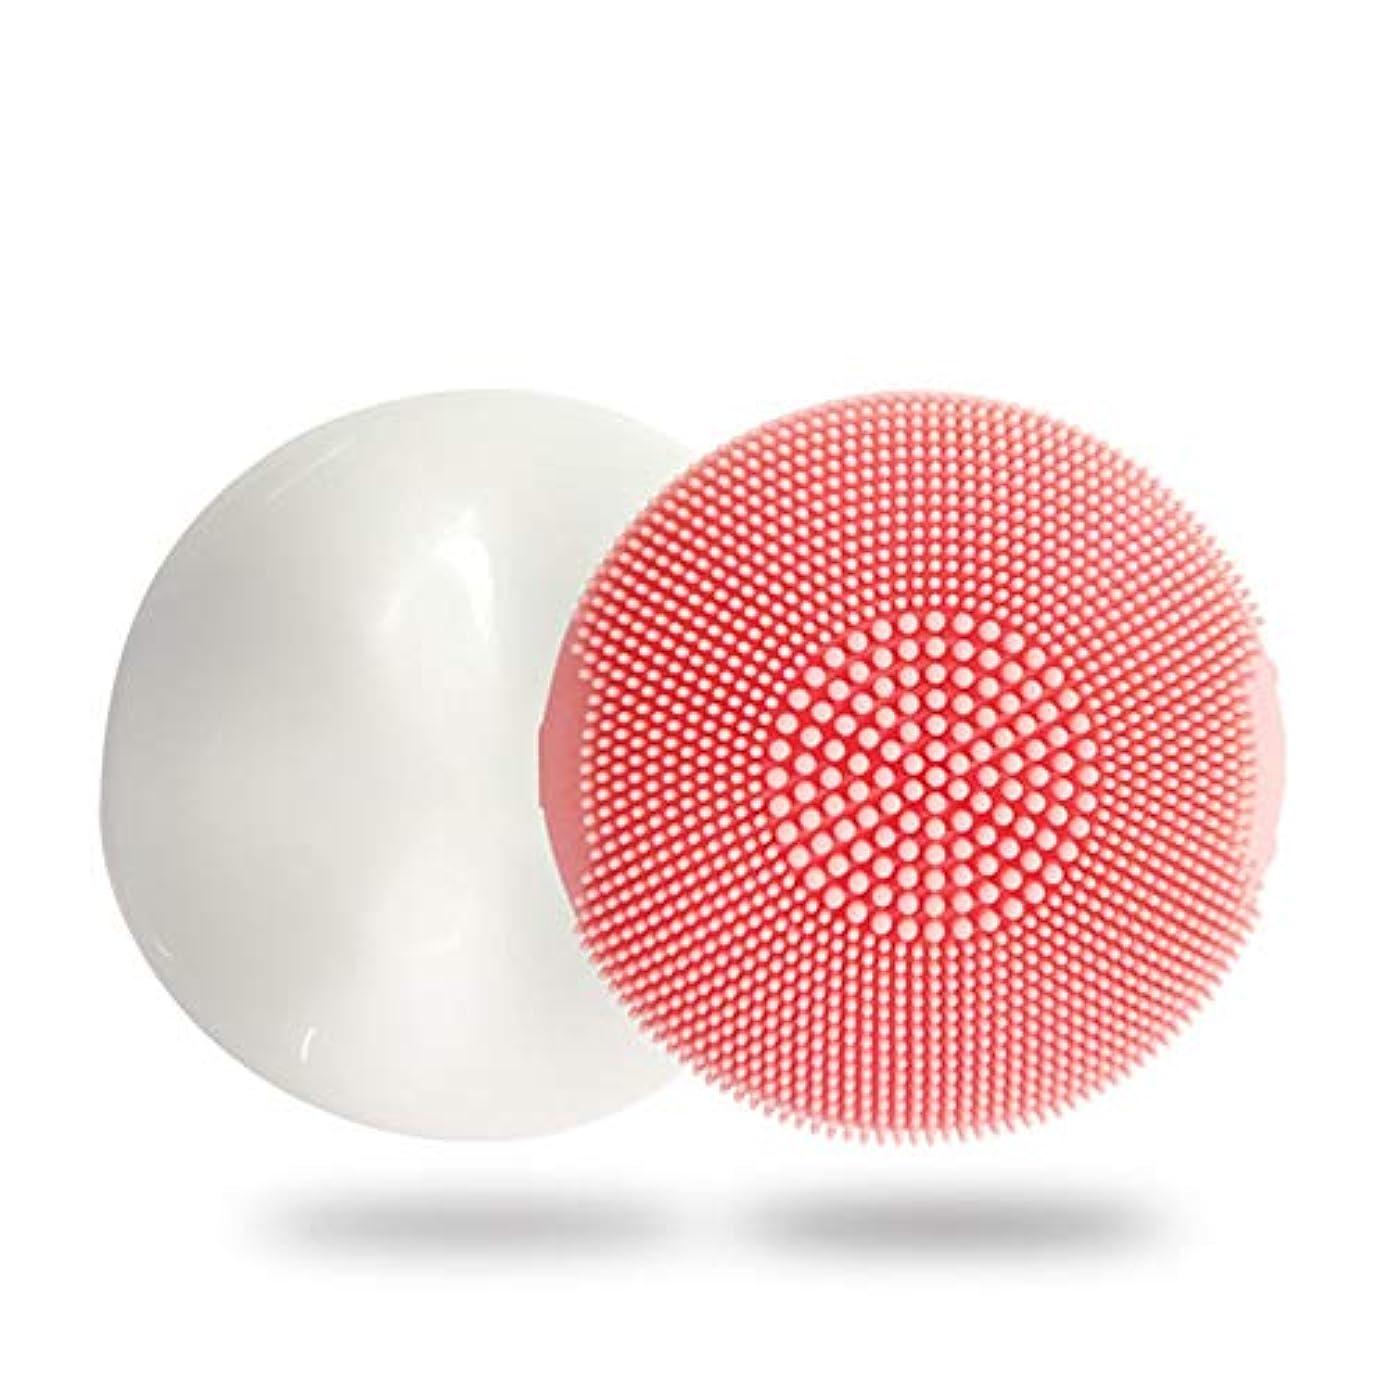 不完全な書道シェードZXF 新電動シリコーンクレンジングブラシディープクリーニングポア防水超音波振動クレンジング楽器マッサージ器具美容器具 滑らかである (色 : Pink)